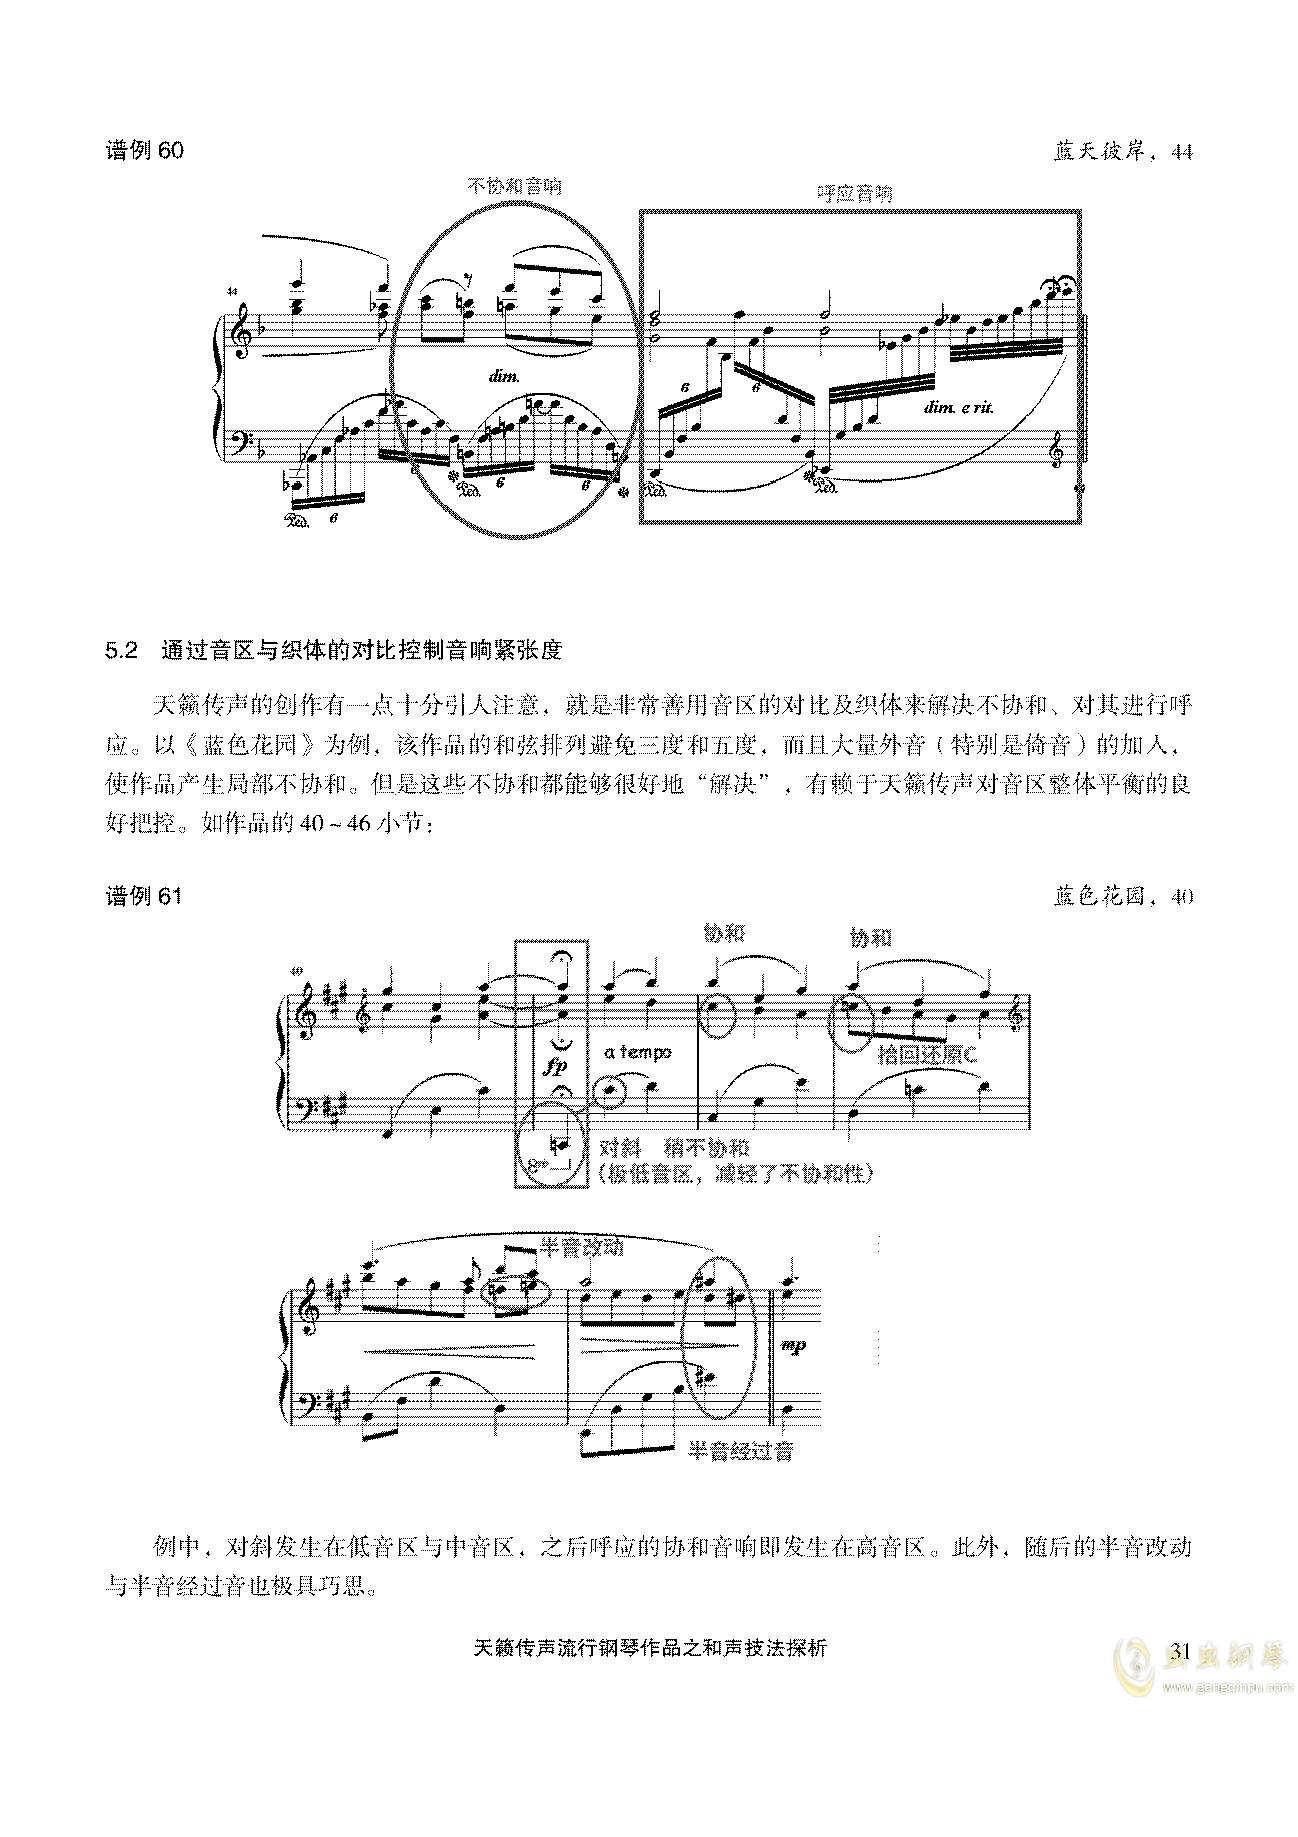 天籁传声和声技法探析澳门星际官网 第31页